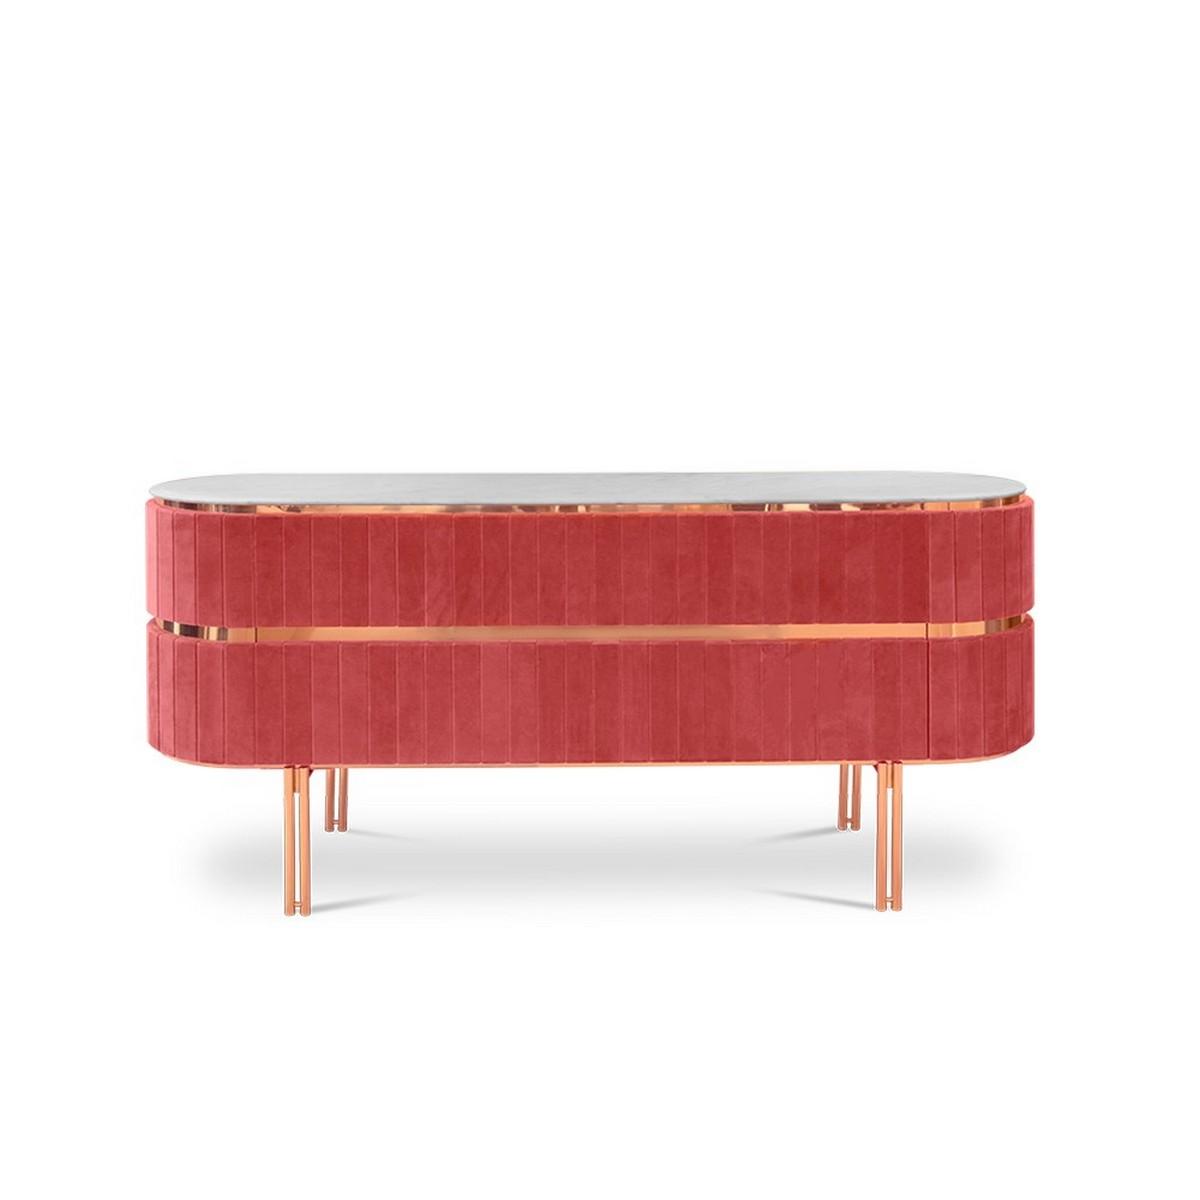 Diseño de Comedor: Una seleción de muebles lujuosos y coloridos diseño de comedor Diseño de Comedor: Una seleción de muebles lujuosos y coloridos 3